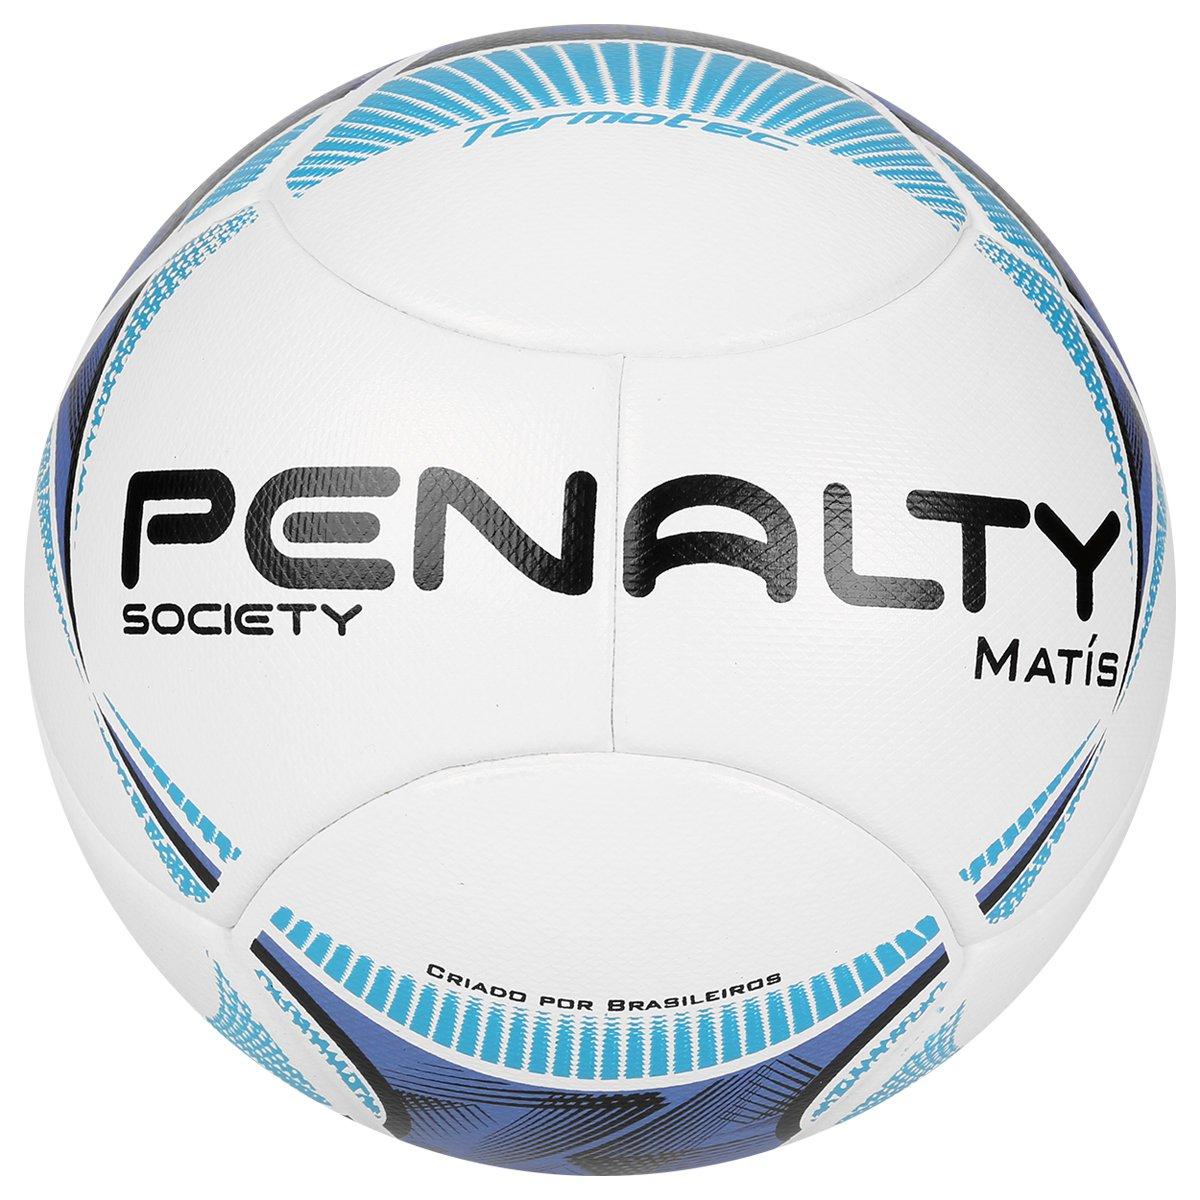 01d74896fb792 Bola Penalty Matis Termotec 5 Society - Compre Agora